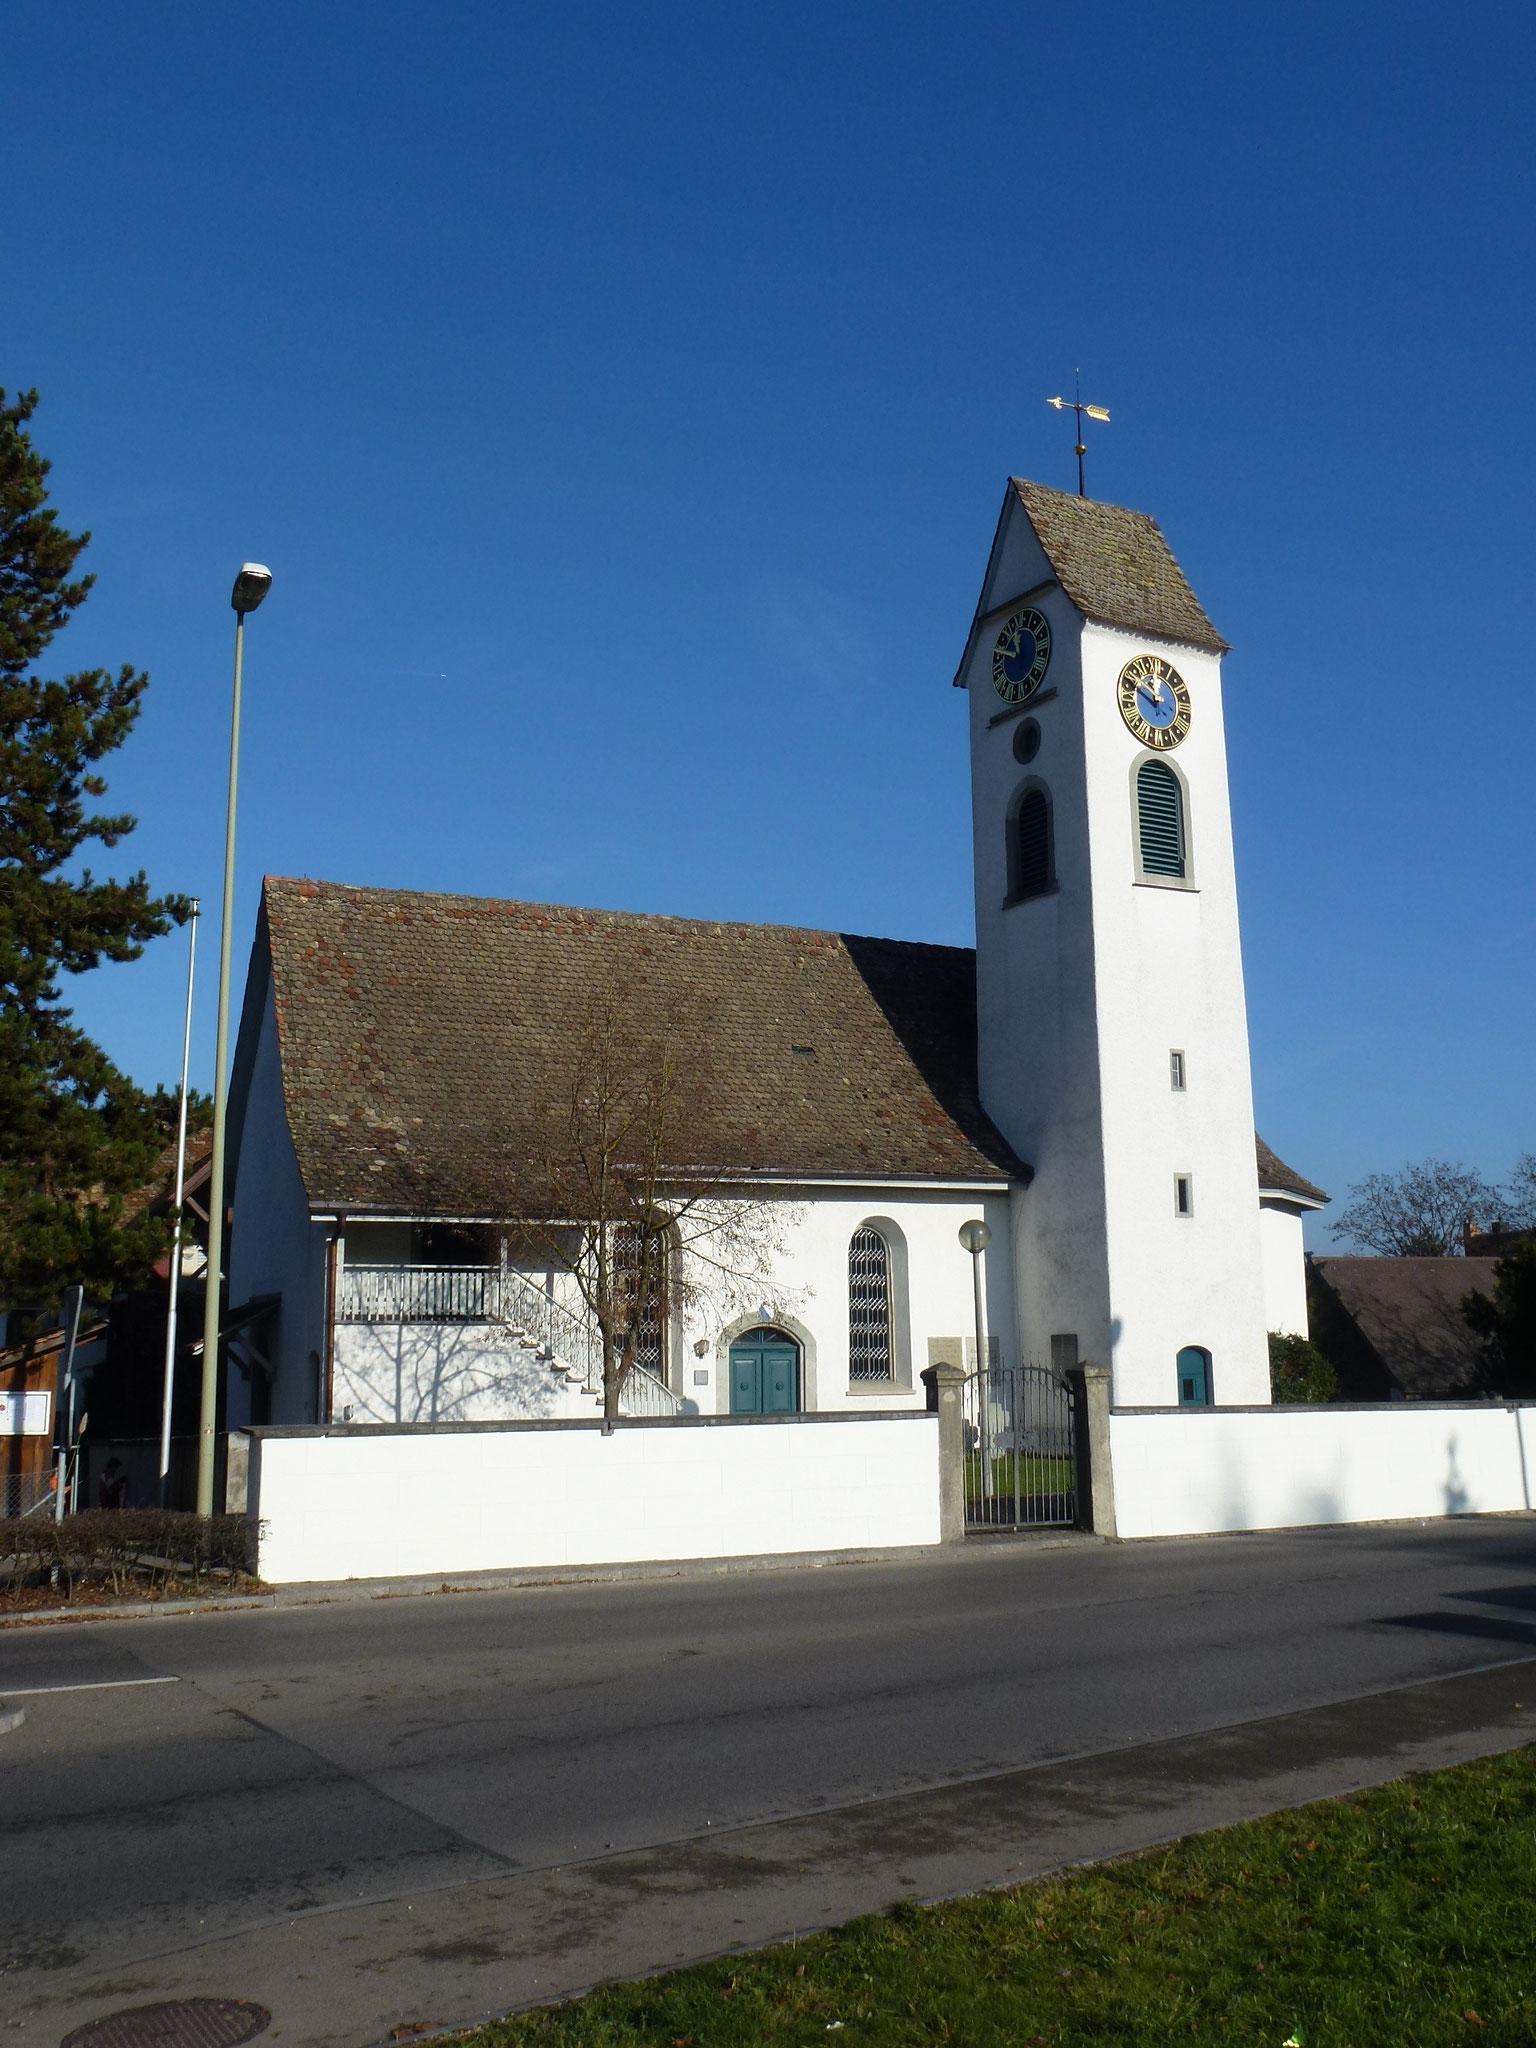 Sonntag: Ökumenischer Festgottesdienst um 10 Uhr in der Kirche mit H. Radtke (ref.) und R. Knepper (kath.)